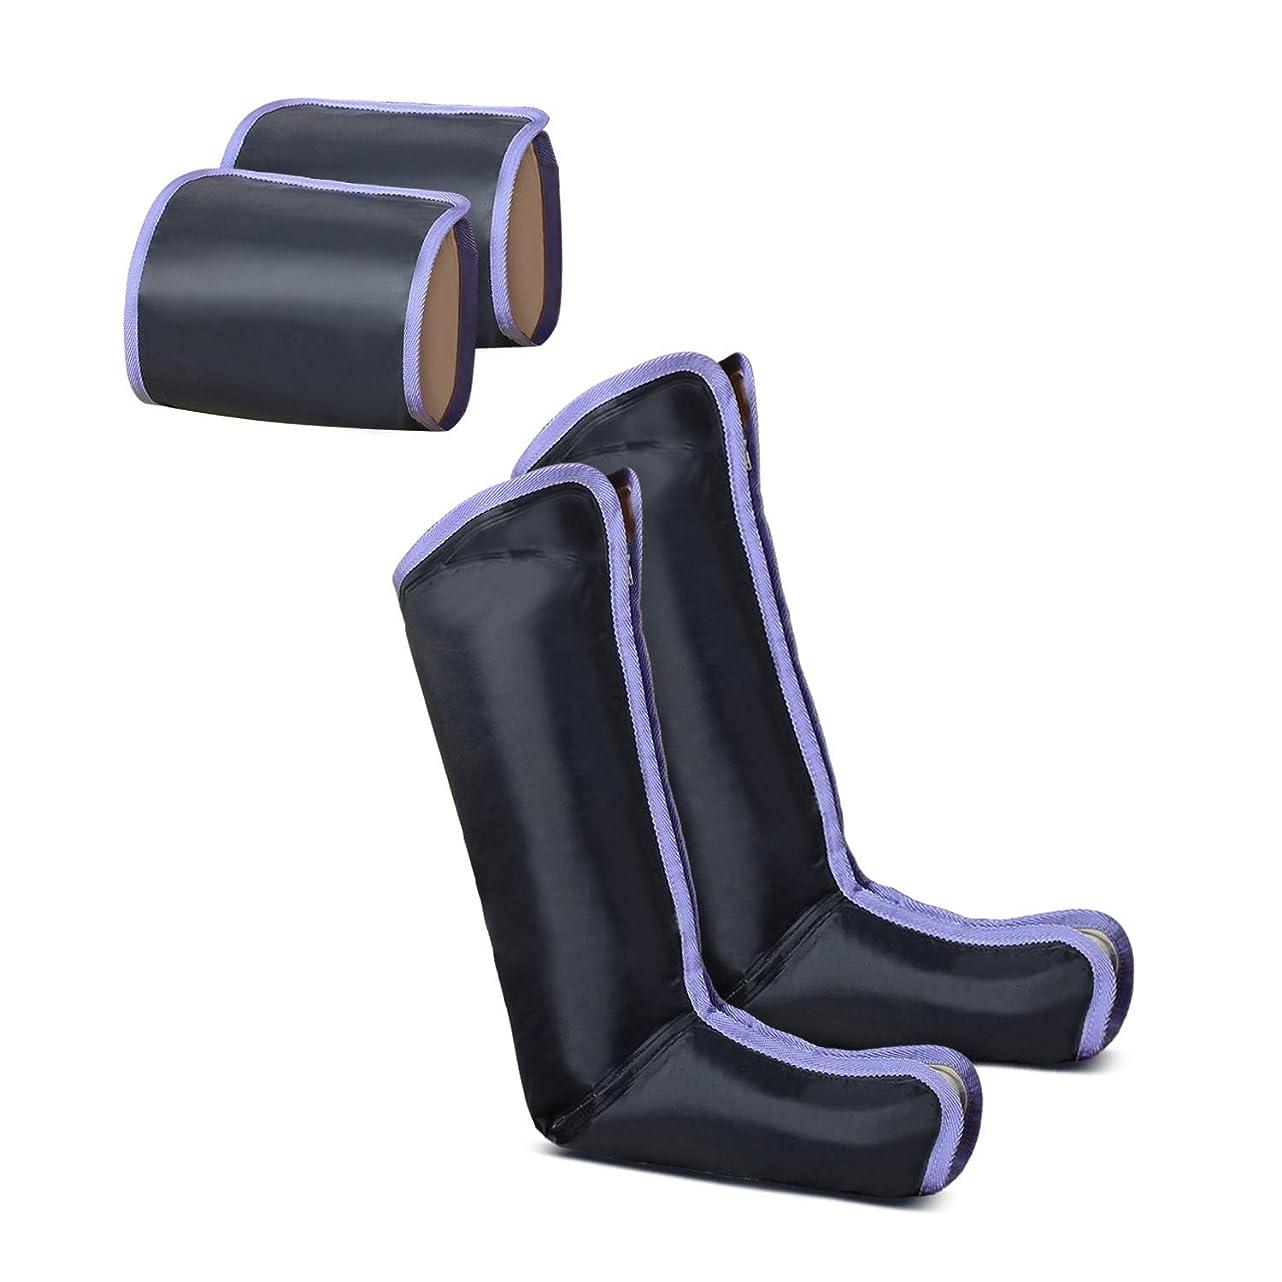 マイクロフォンポスト印象派放射するSOLIN エアーマッサージャー 電気マッサージ機 ひざ 太もも対応 血行の促進